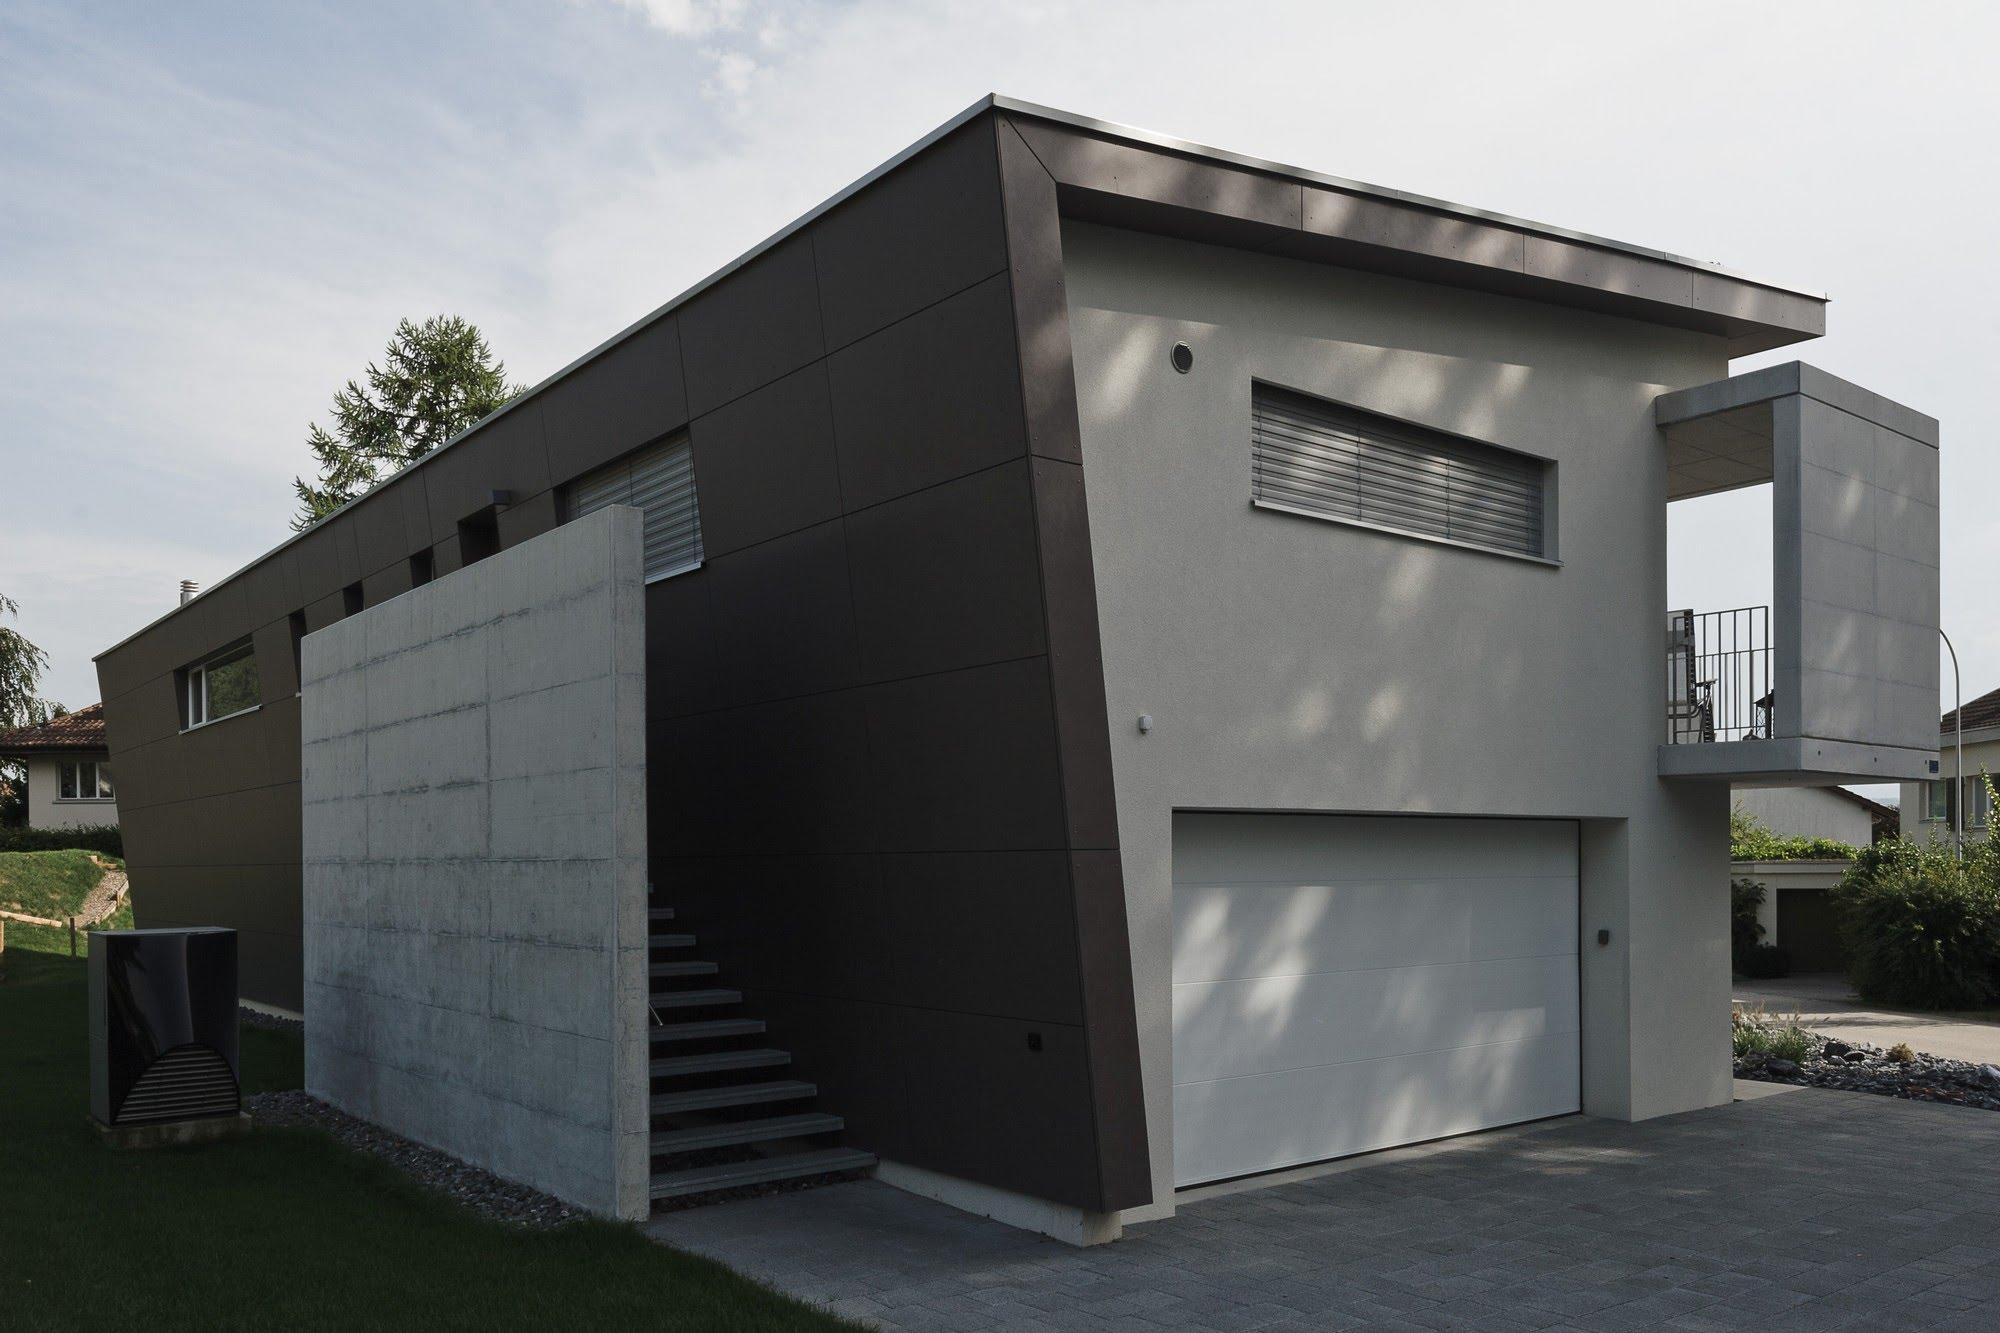 Wohnen EFH EFH in Nebikon Architektur,Wohnungsbau,Wohnhäuser,Einfamilienhäuser,Mehrfamilienhäuser